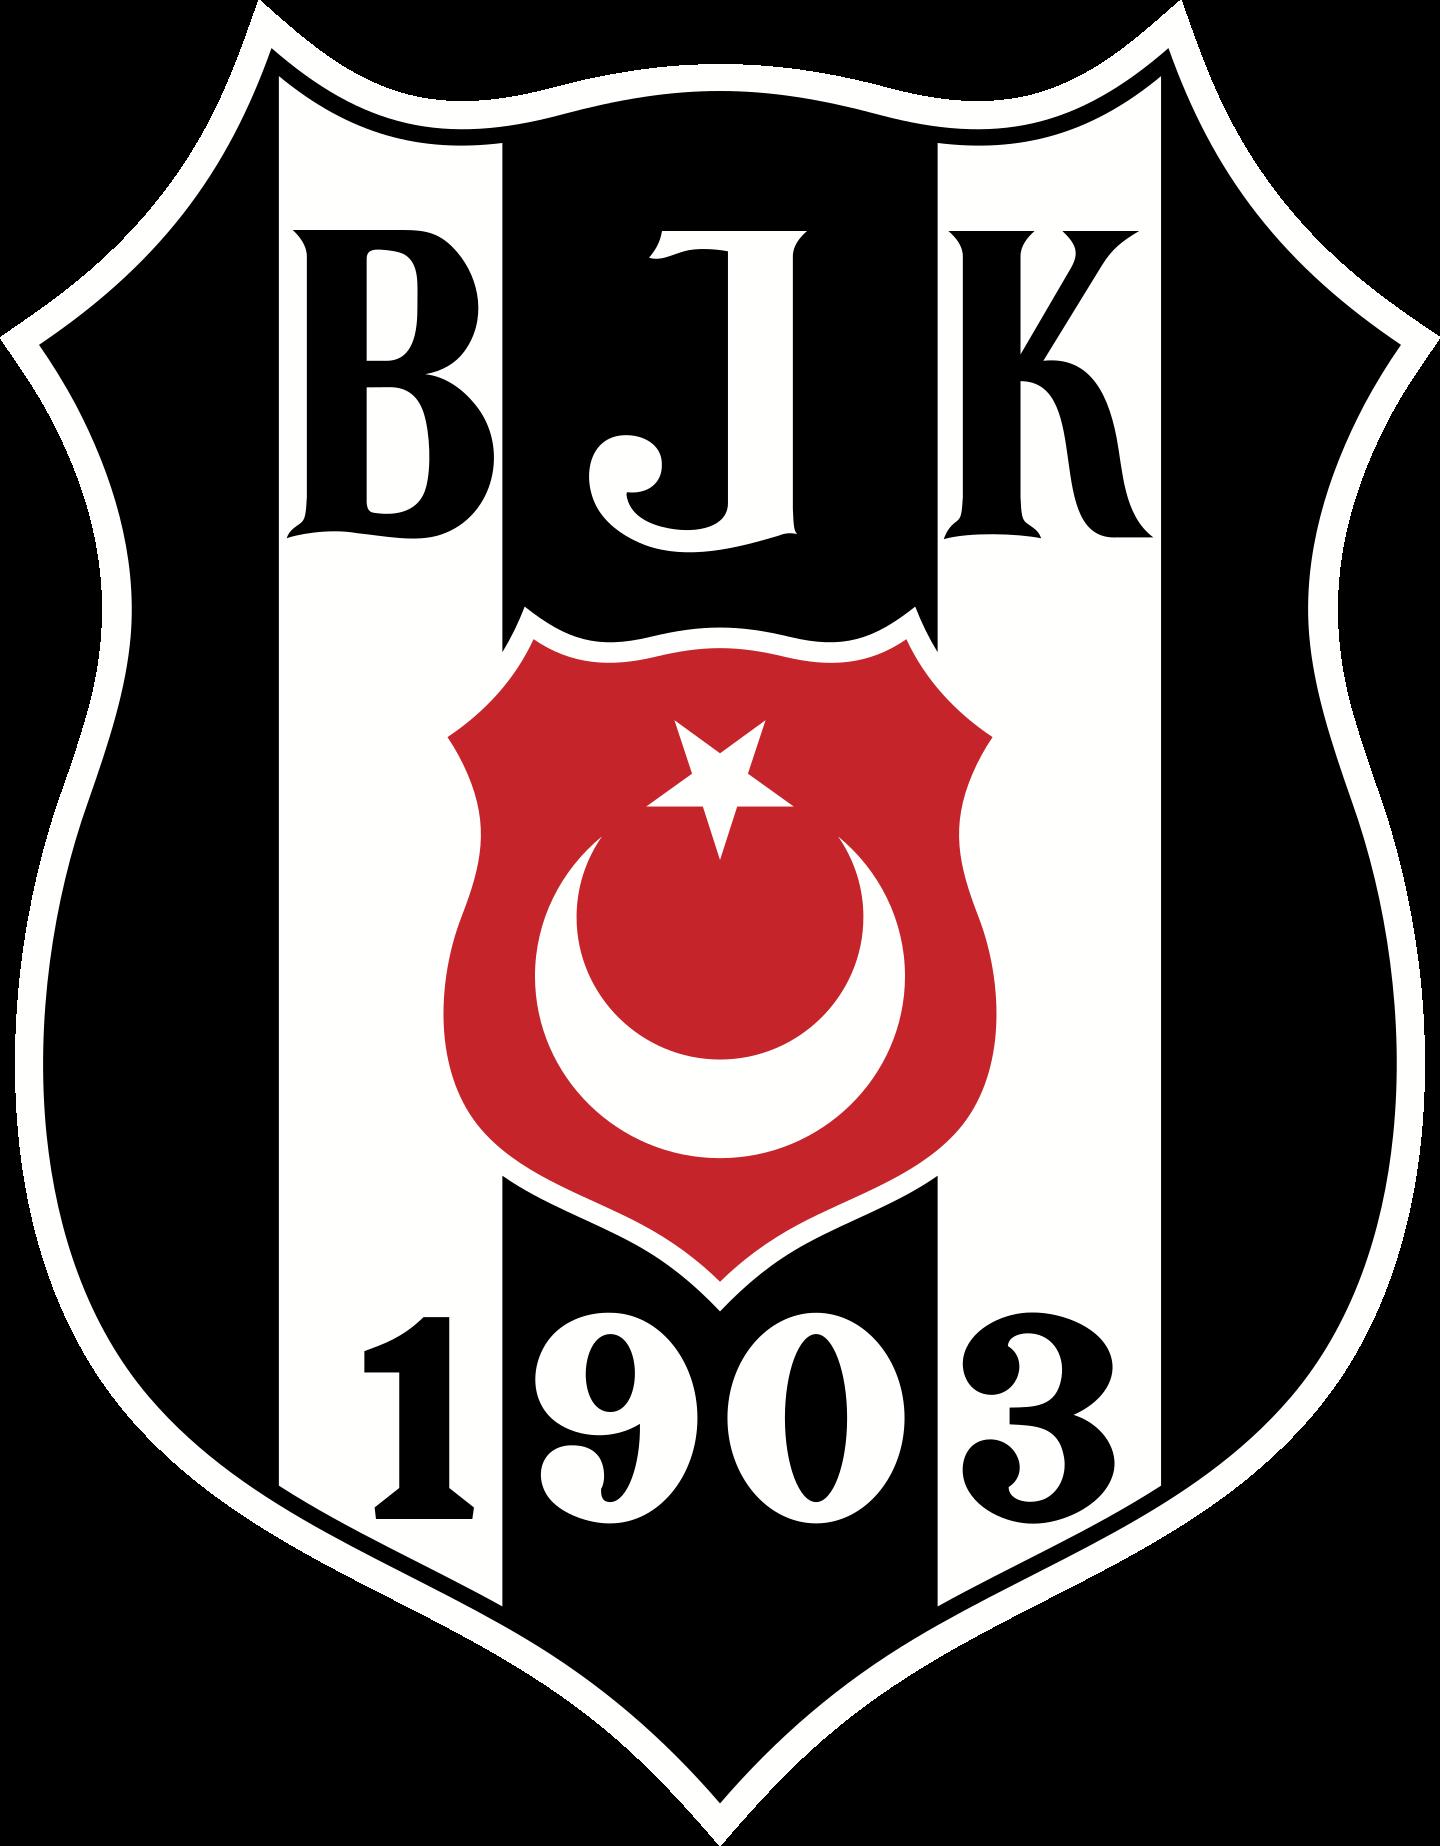 besiktas jk logo 2 - Besiktas JK Logo